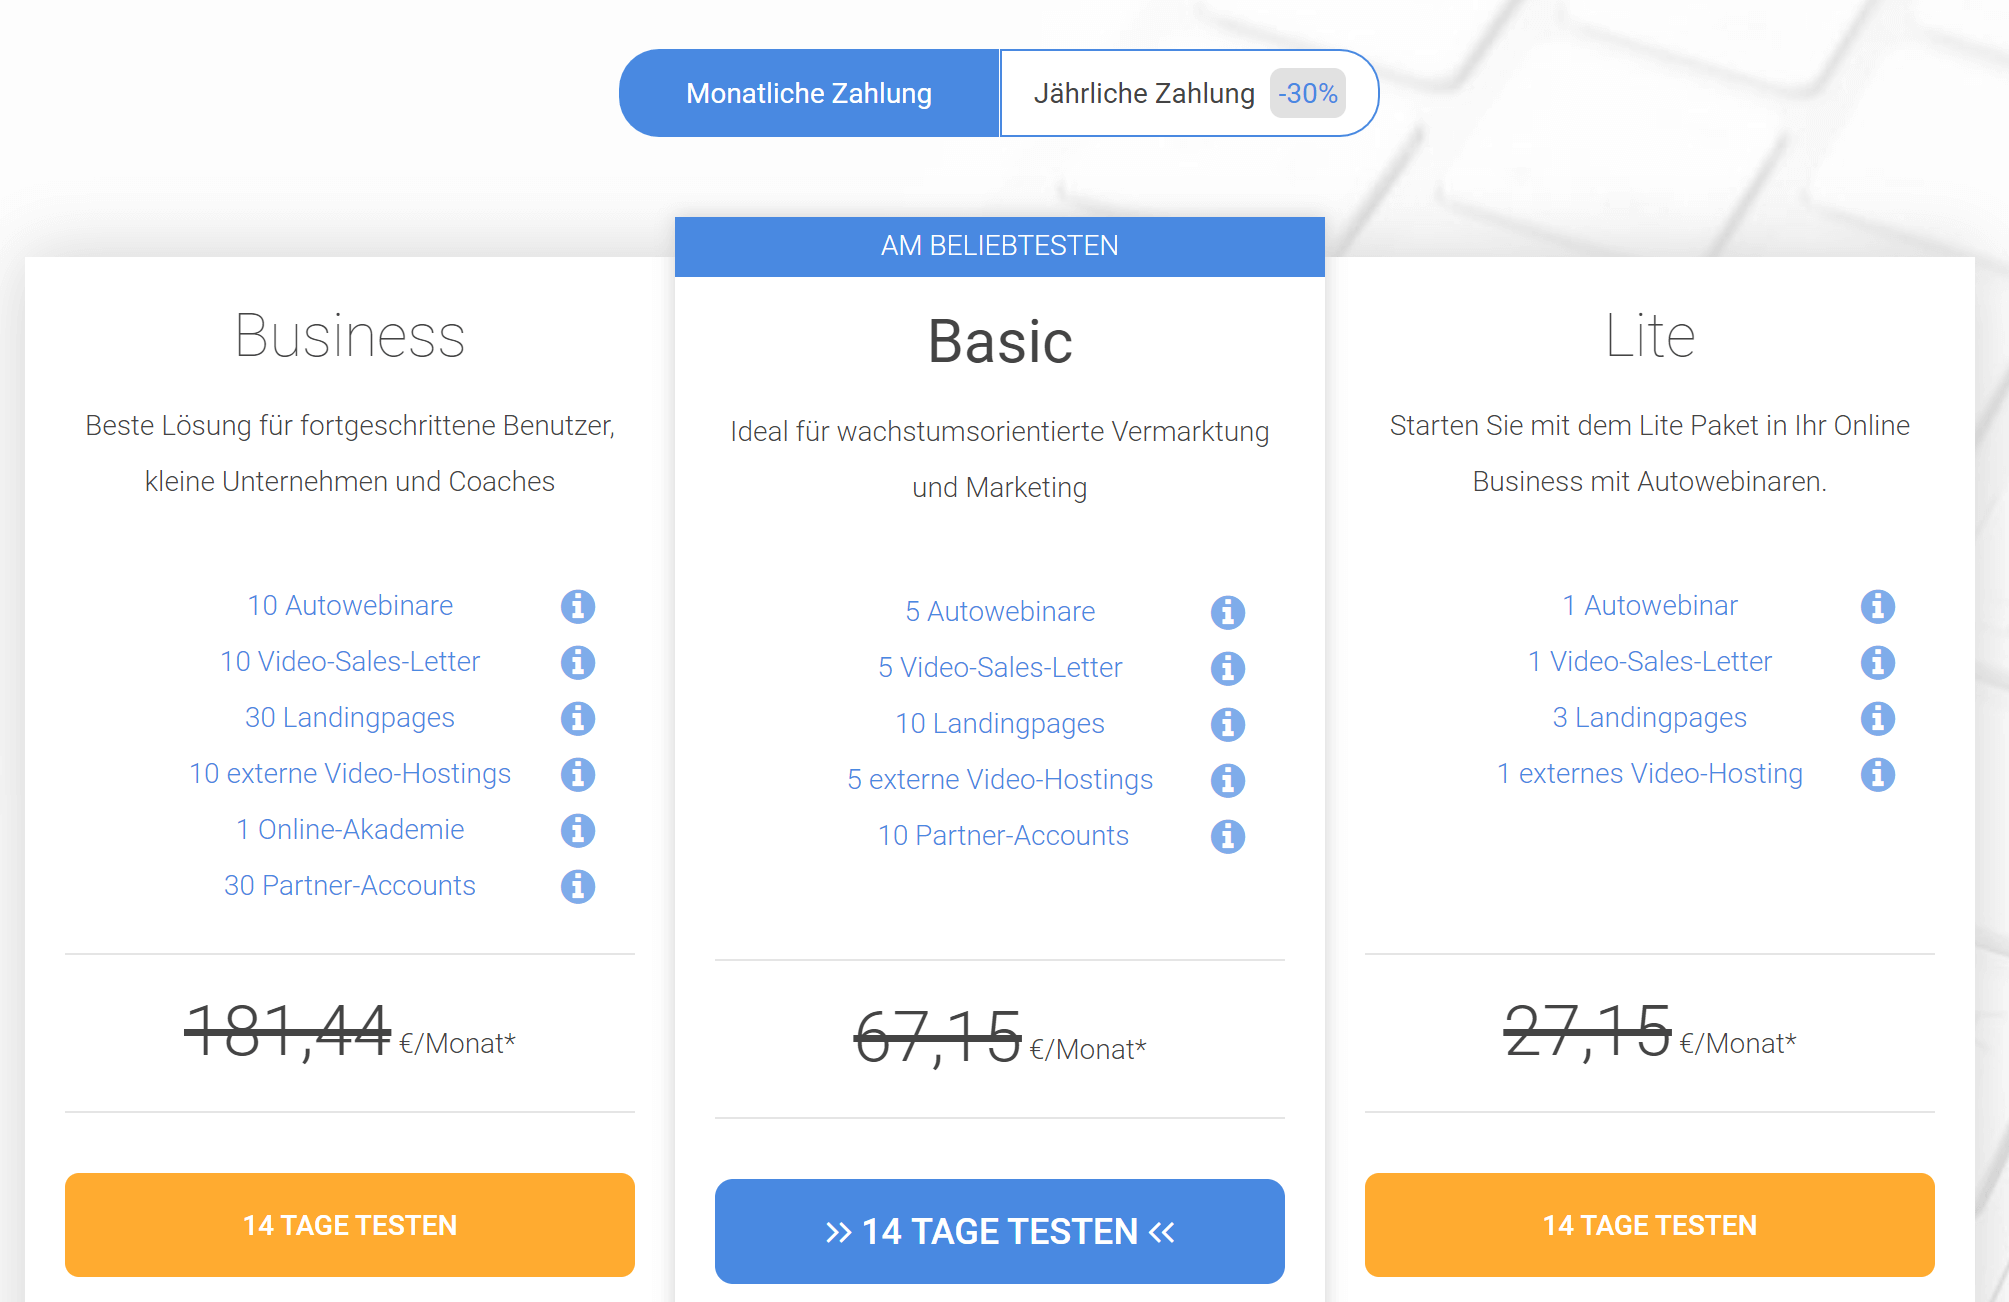 Imparare Preise